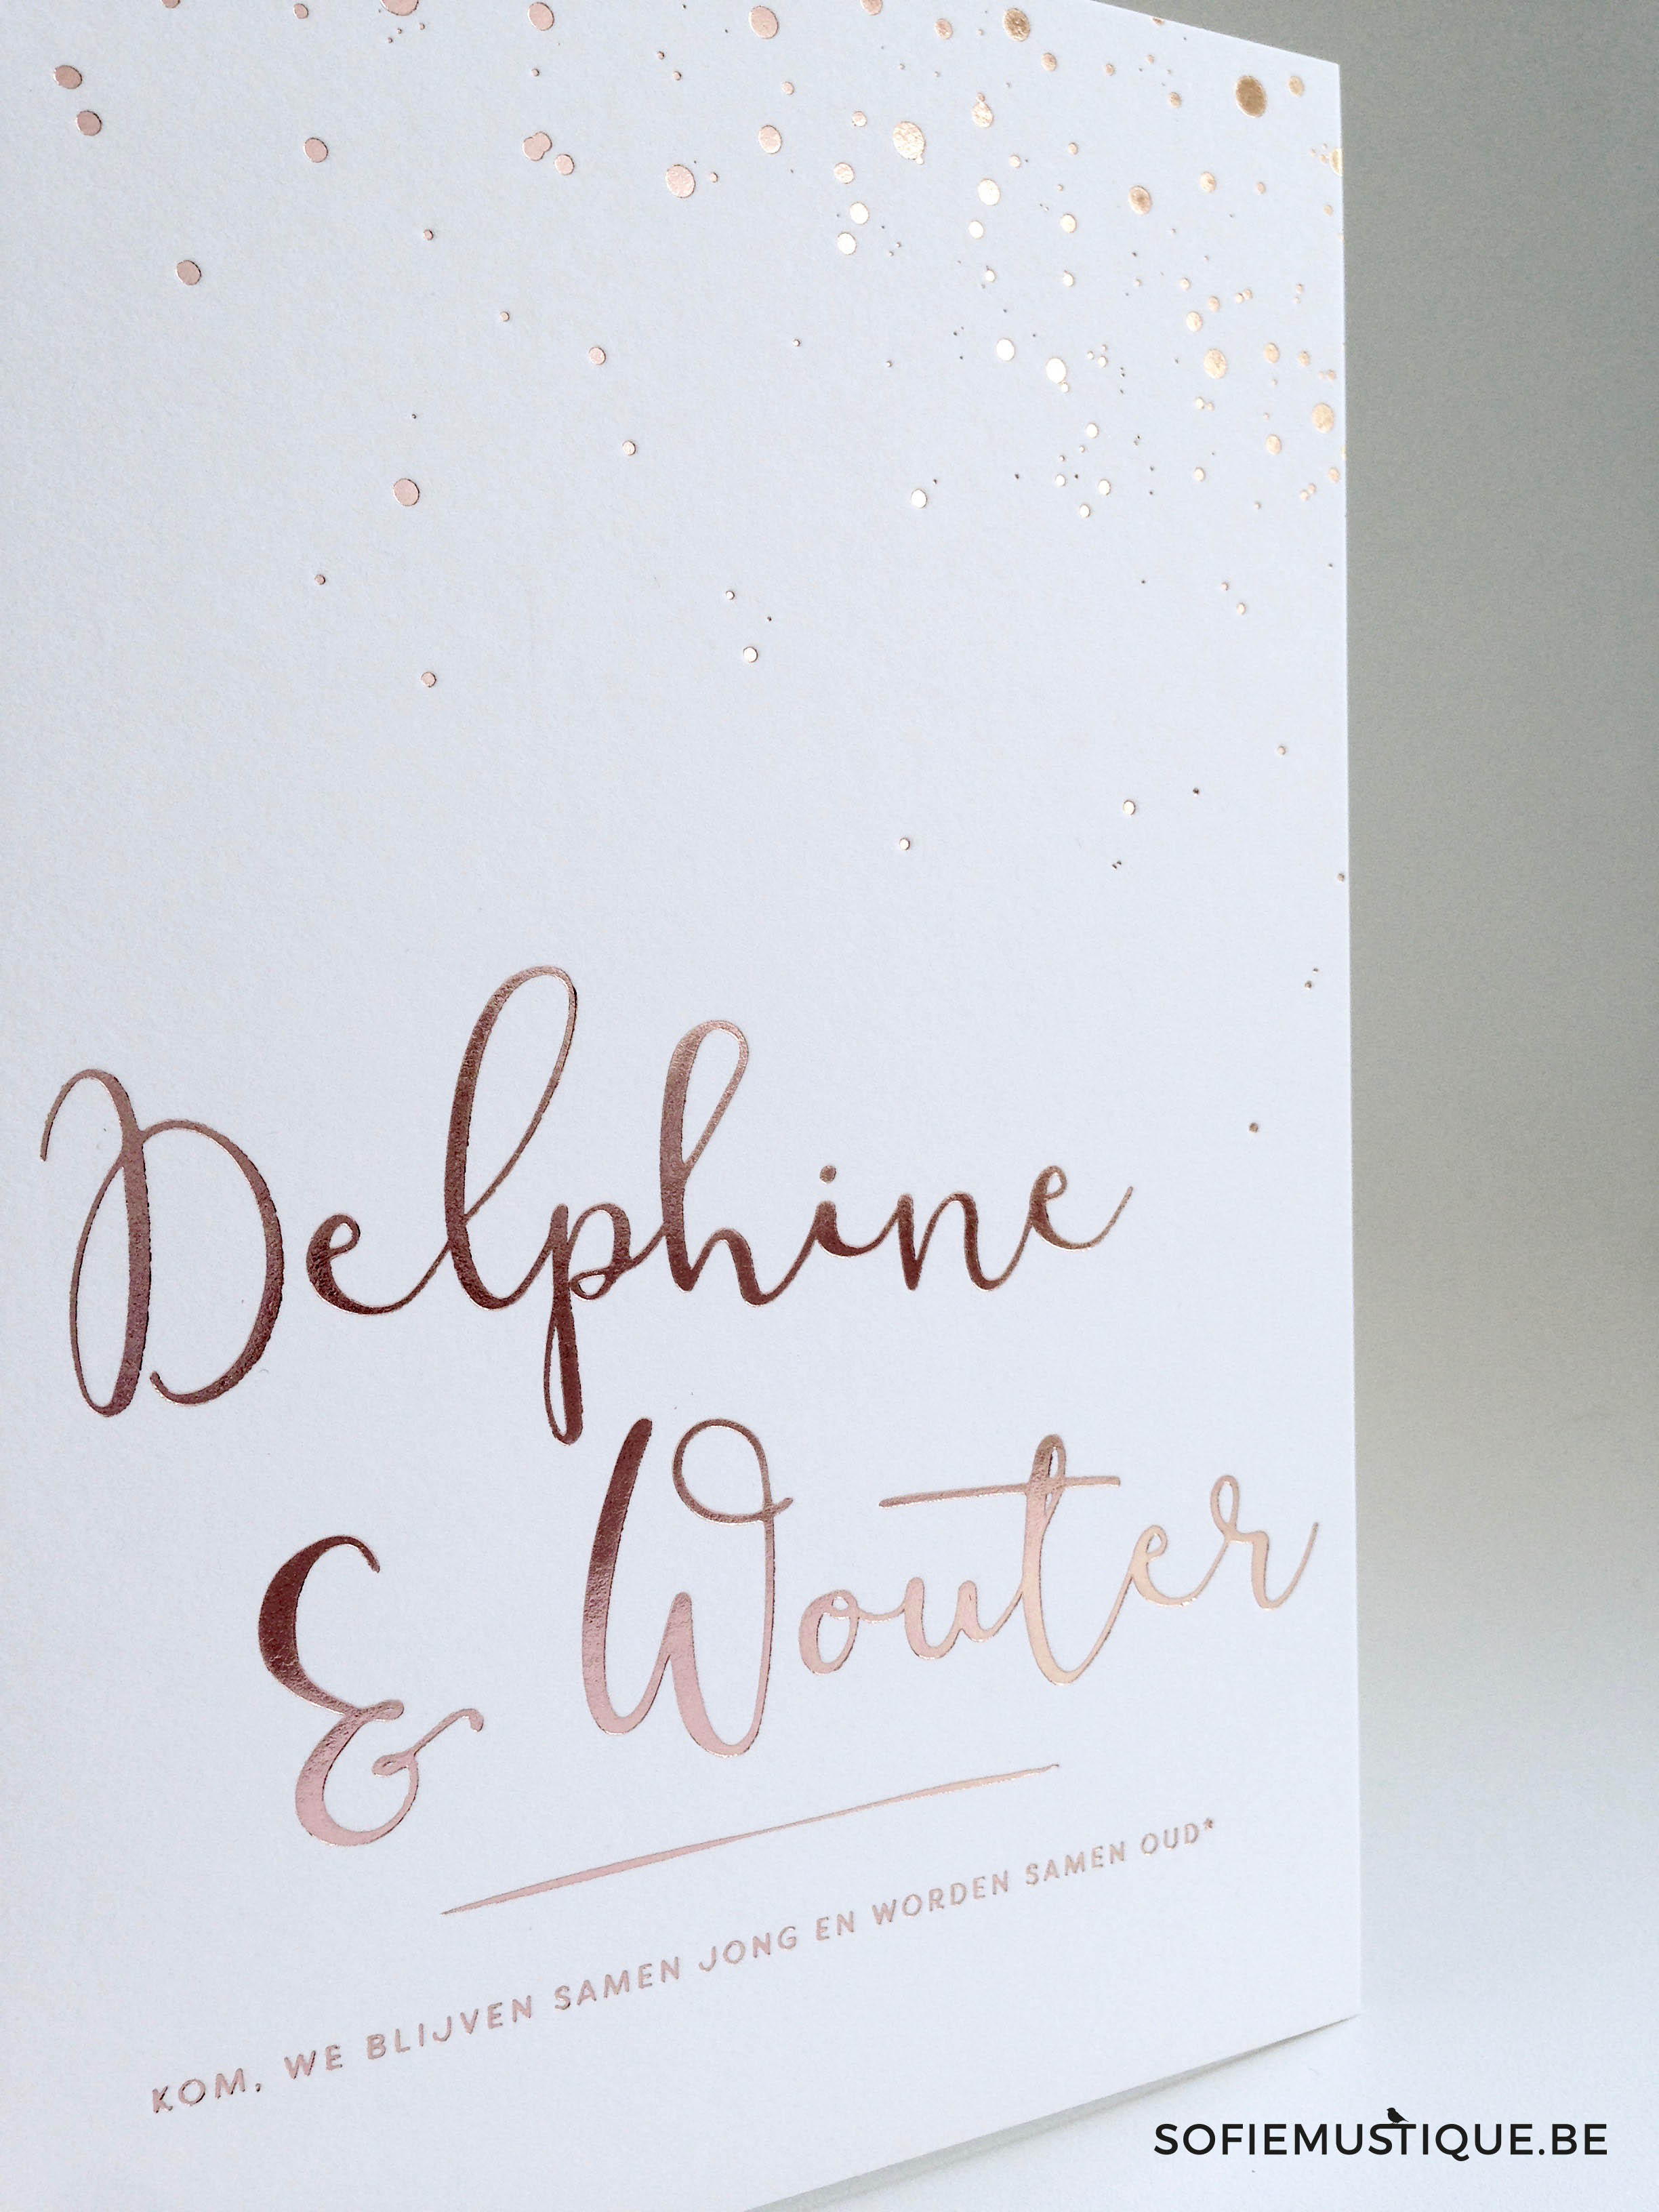 Huwelijksuitnodiging Delphine Wouter Rose Gold Foil letterpress